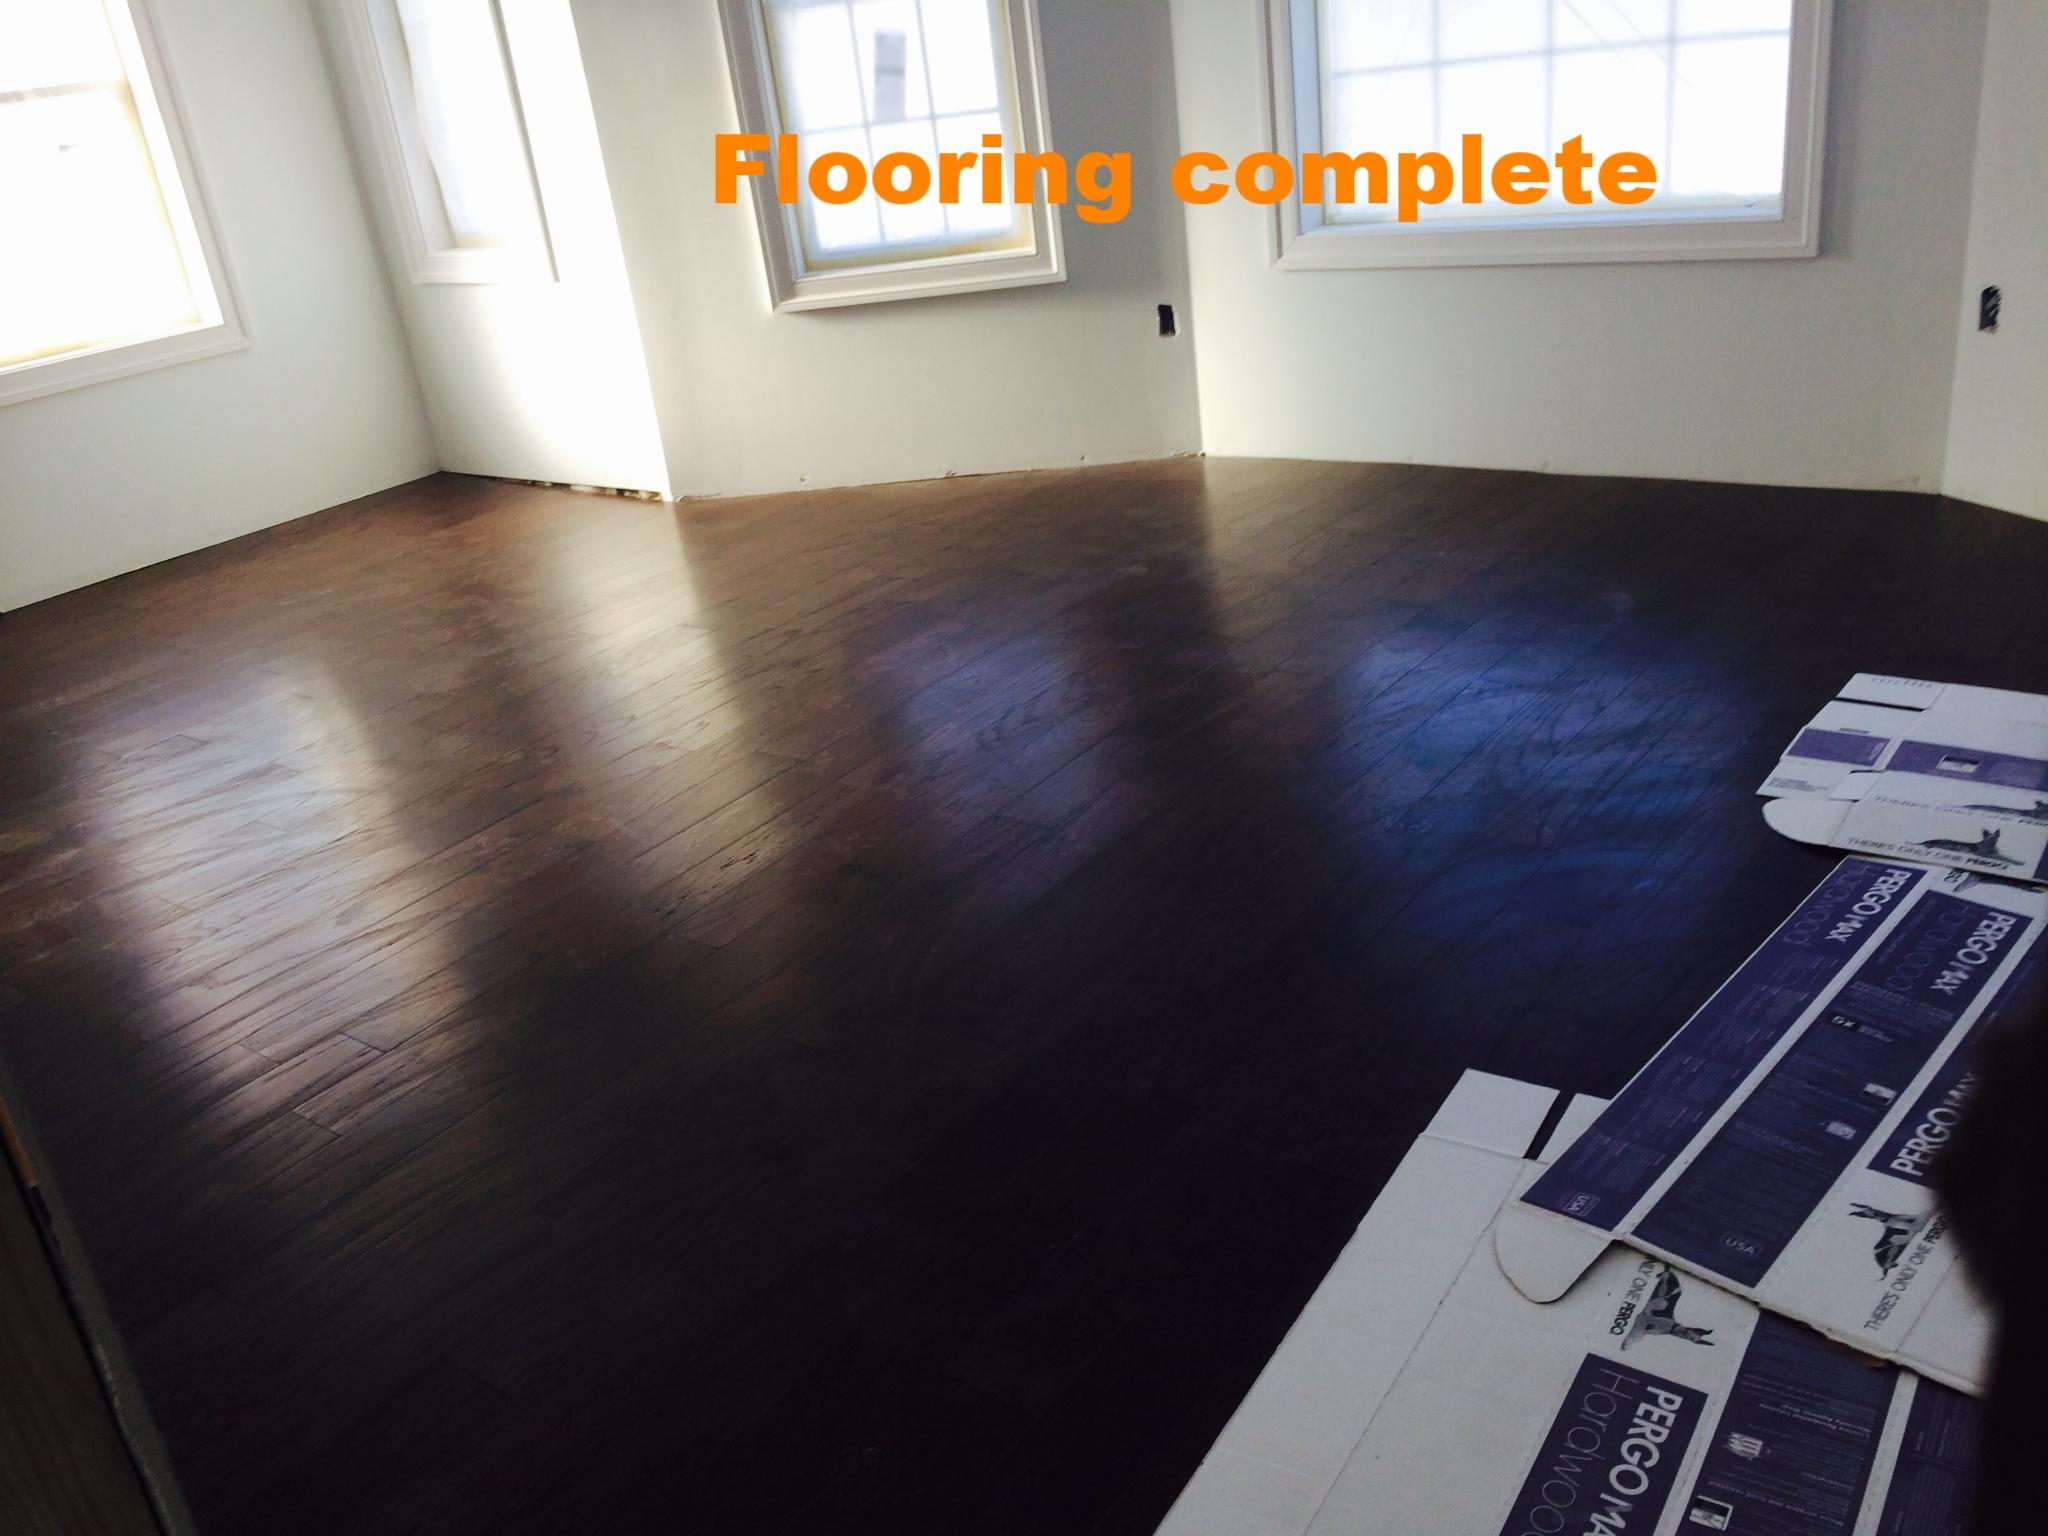 32-flooring complete.JPG